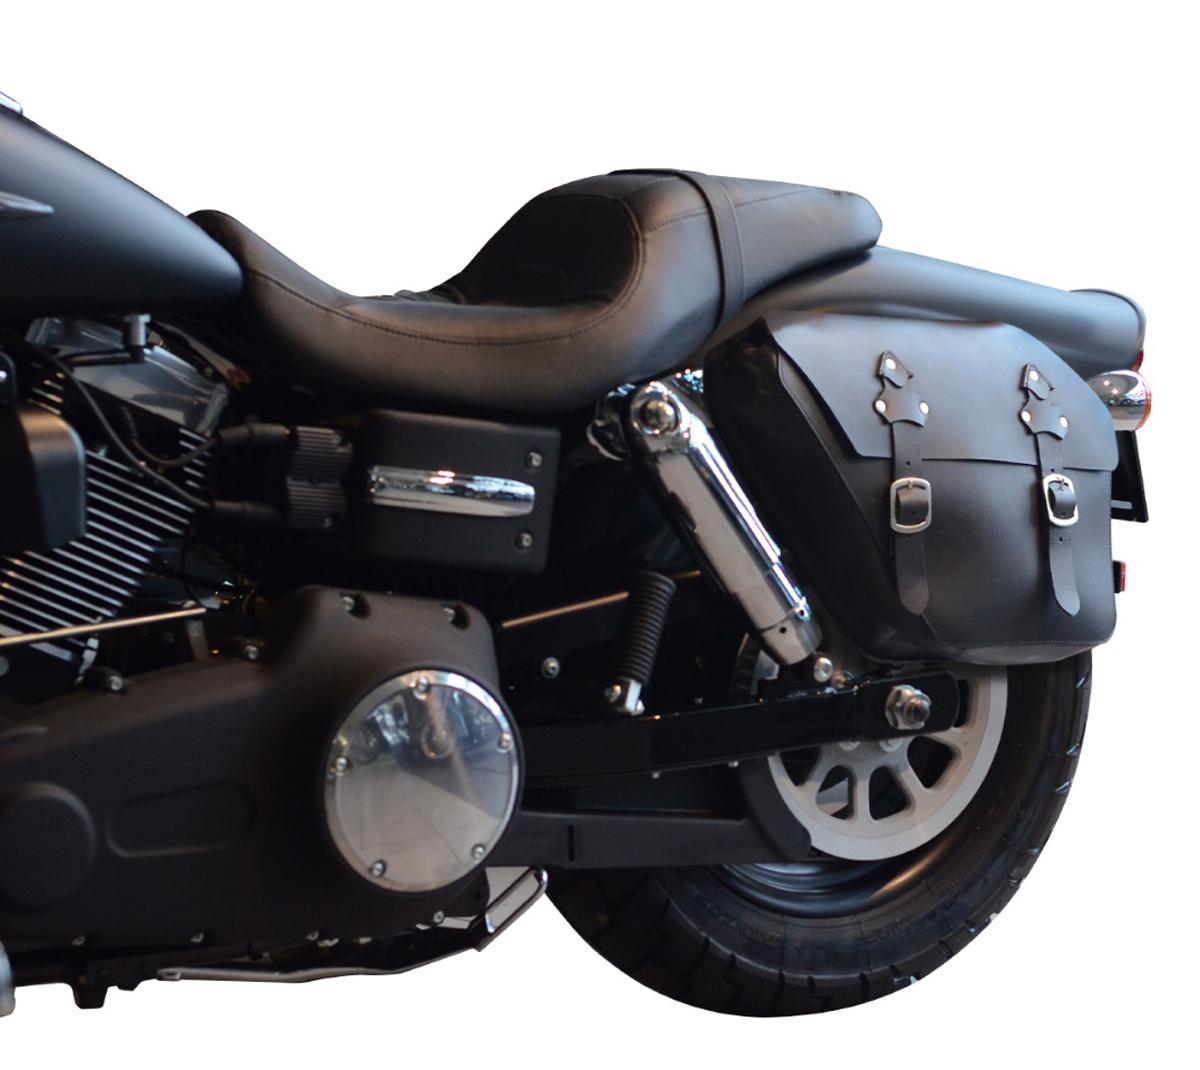 leather saddlebag harley davidson dyna sport wide glide. Black Bedroom Furniture Sets. Home Design Ideas